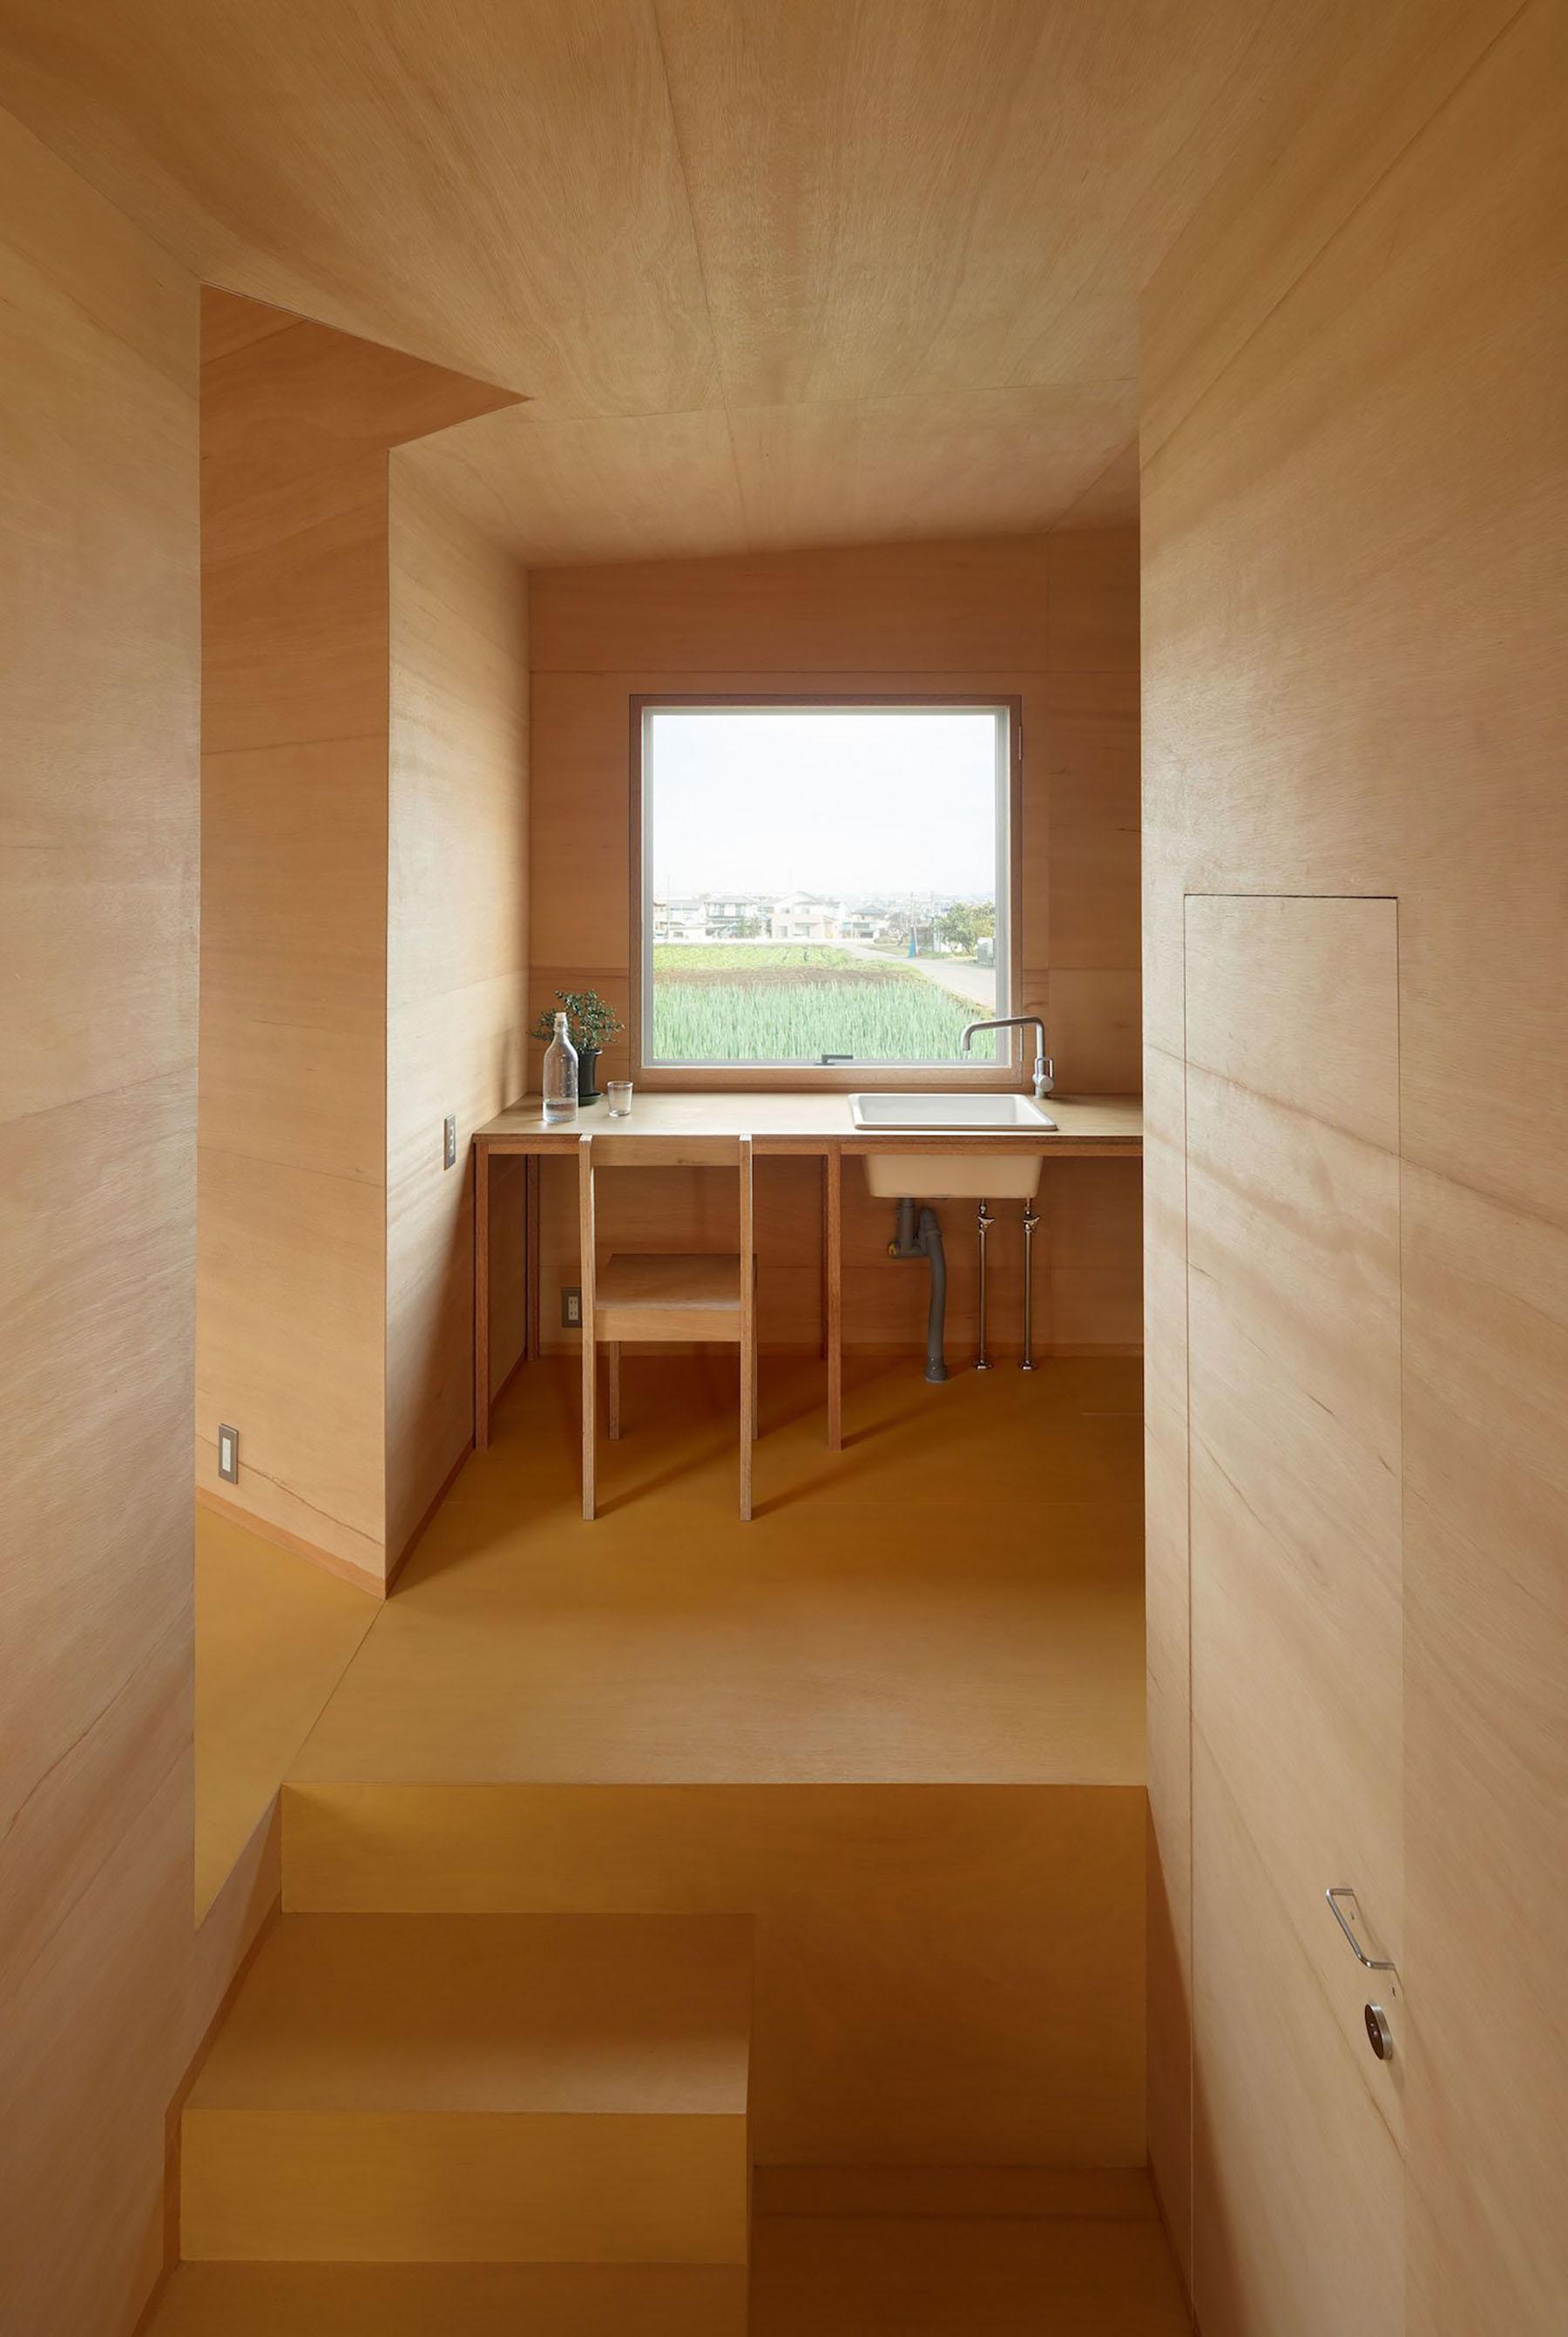 iGNANT-Architecture-Miya-Akiko-Roofs-And-Window-013